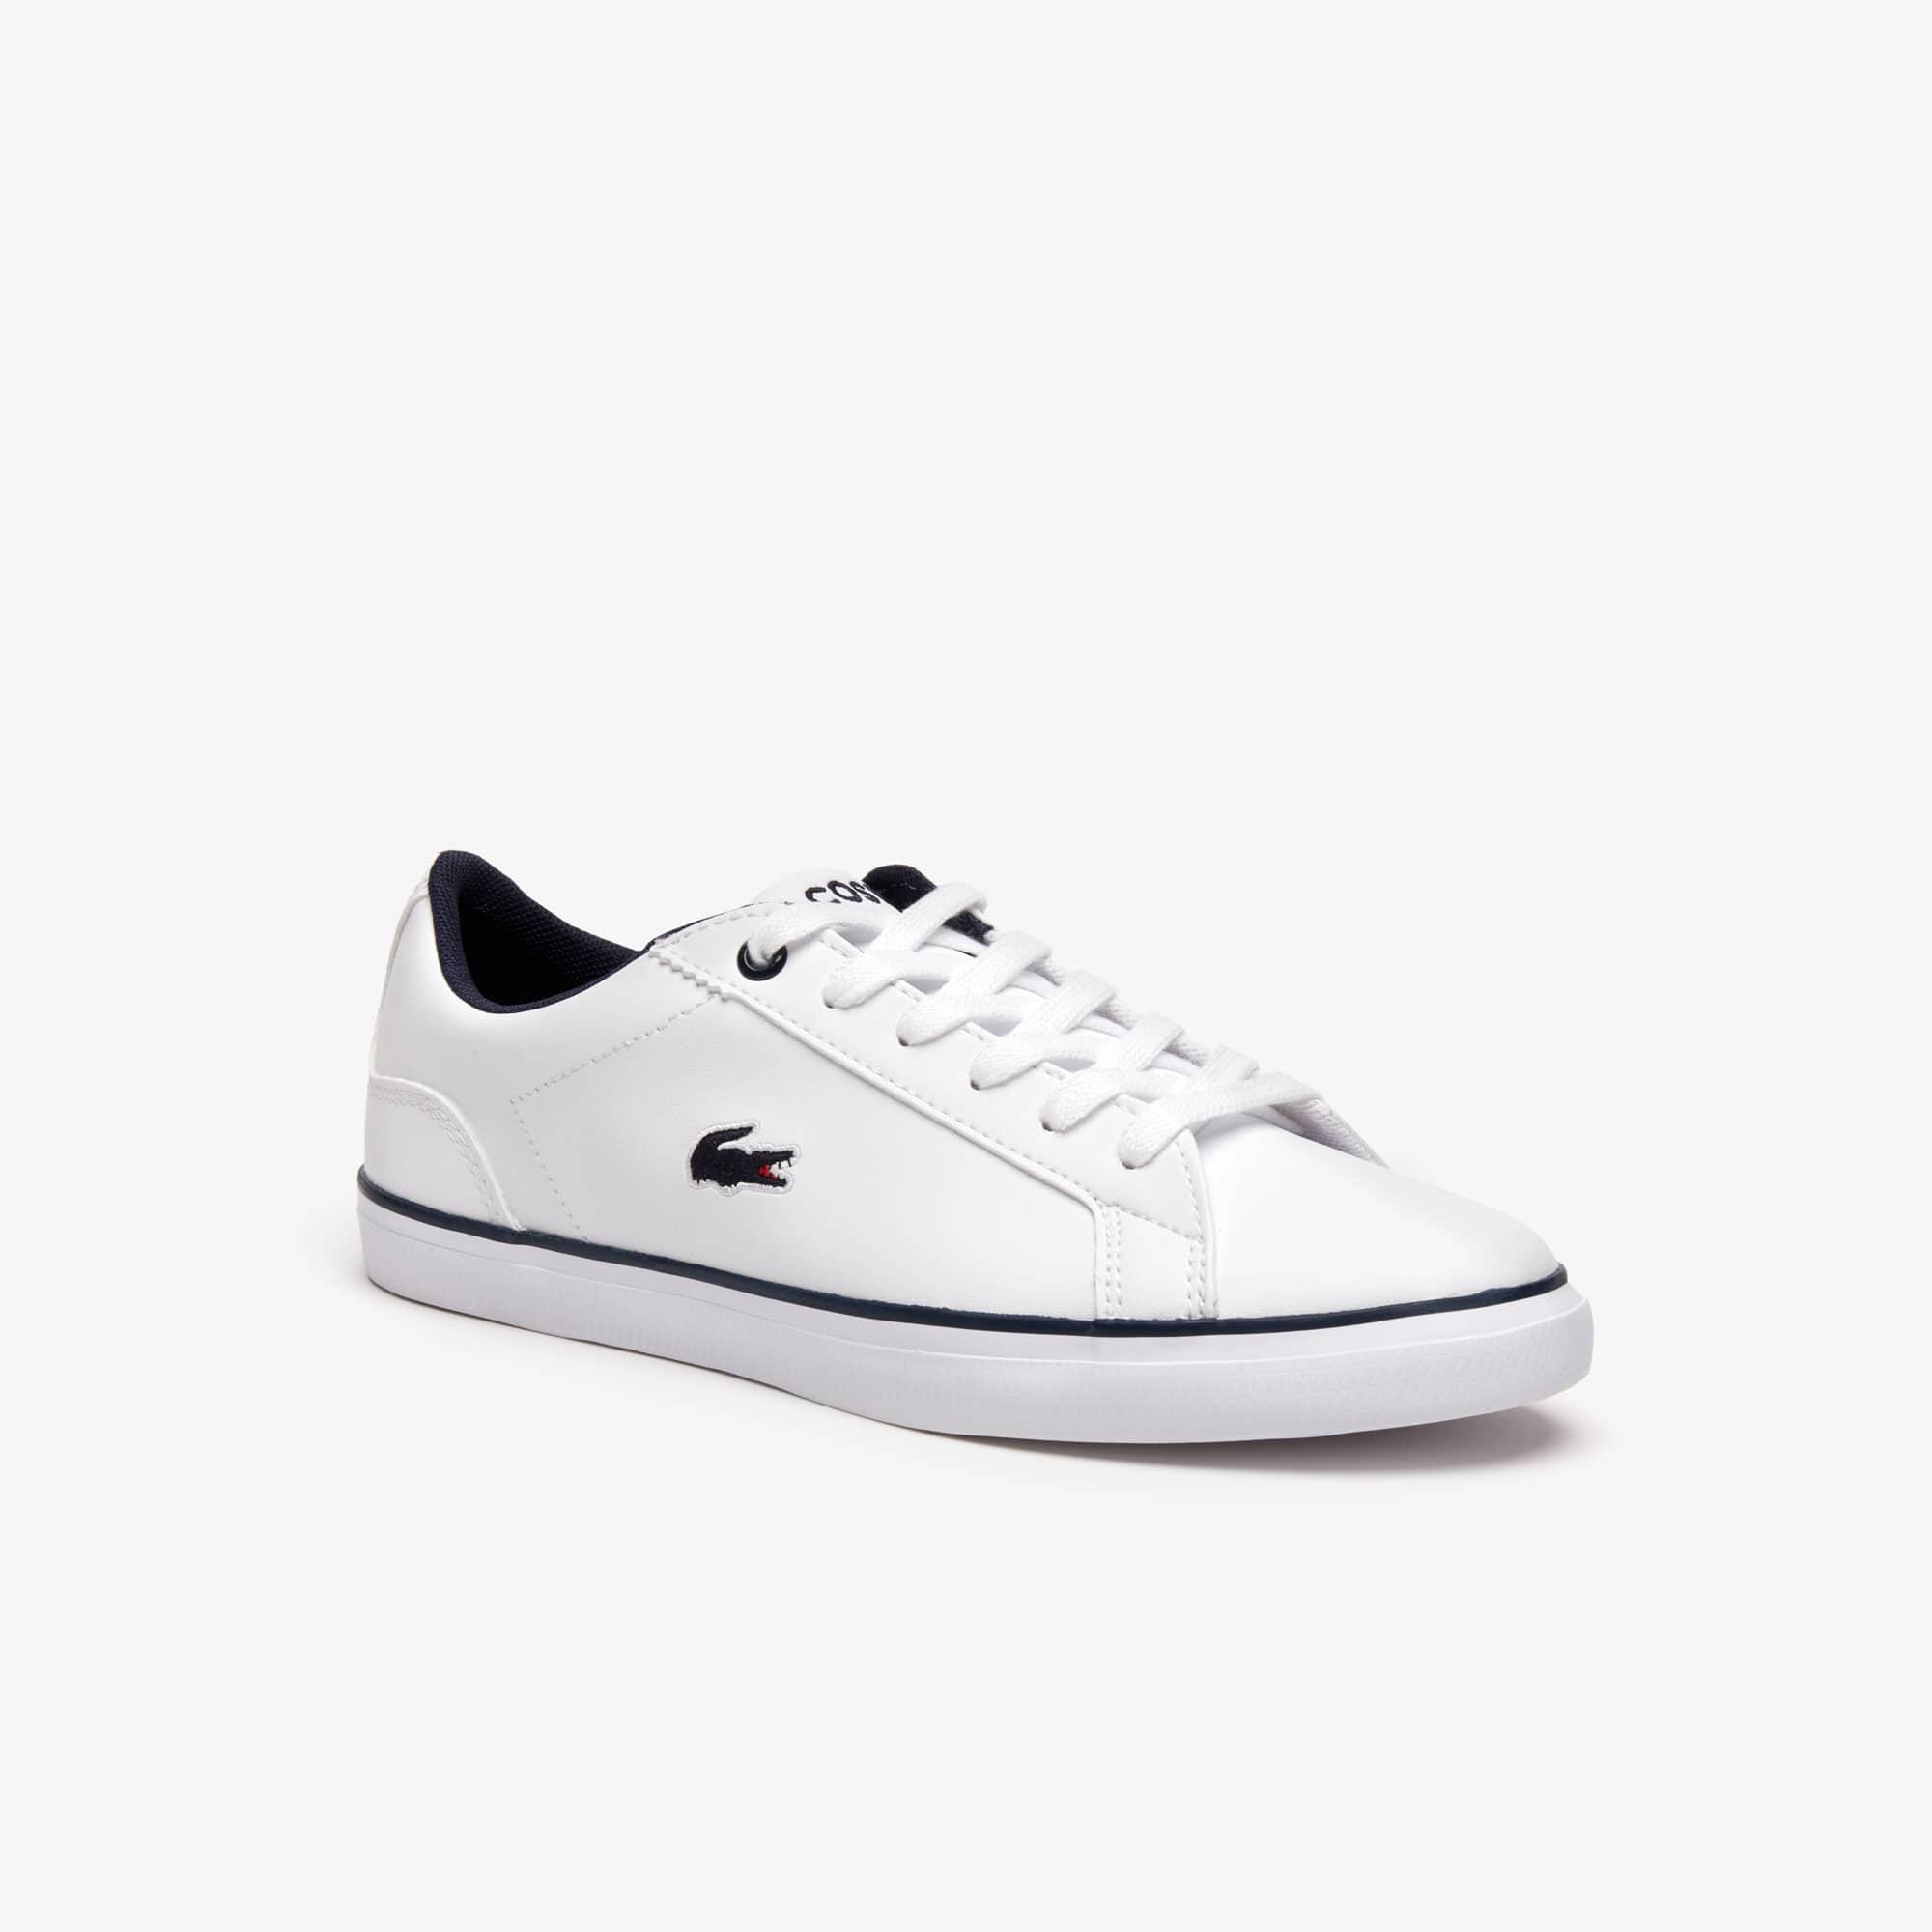 20d8a189ff Sneakers Lerond ado en synthétique avec crocodile ton sur ton